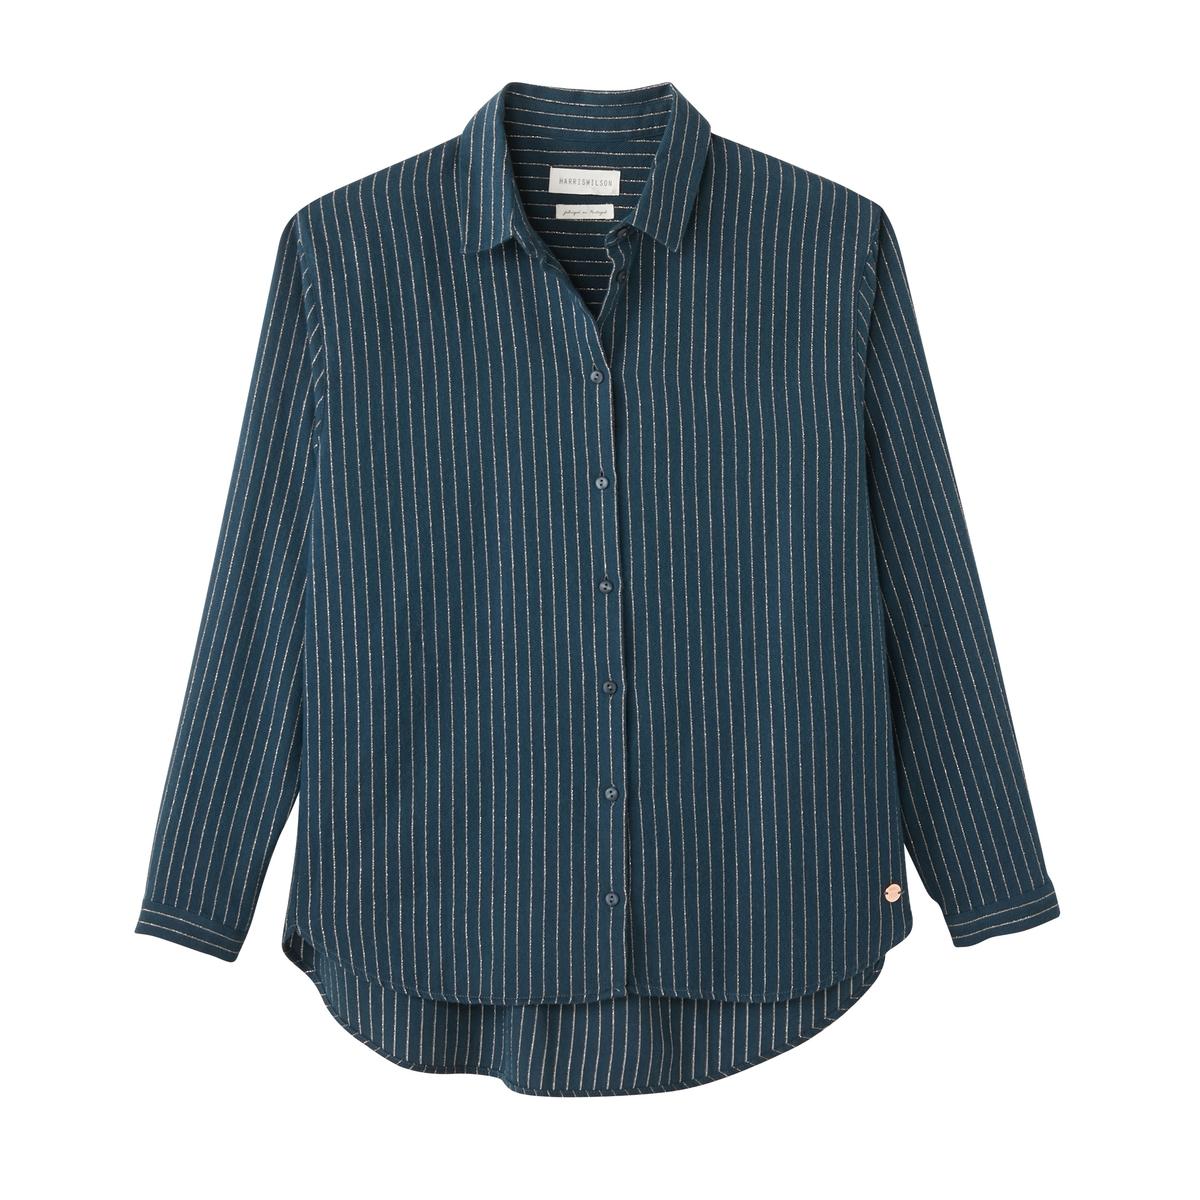 Рубашка в блестящую полоску CELESTINEРубашка HARRIS WILSON - модель CELESTINE из хлопкового деликатного твила с тонкими блестящими полосками.Описание •  Длинные рукава  •  Прямой покрой  •  Воротник-поло, рубашечный  •  Рисунок в полоску Состав и уход •  98% хлопка, 1% металлизированных волокон, 1% полиэстера •  Следуйте рекомендациям по уходу, указанным на этикетке изделия   •  Спина и воротник с горизонтальными блестящими полосками •  Складки сзади •  Низ слегка закругленный<br><br>Цвет: сине-зеленый